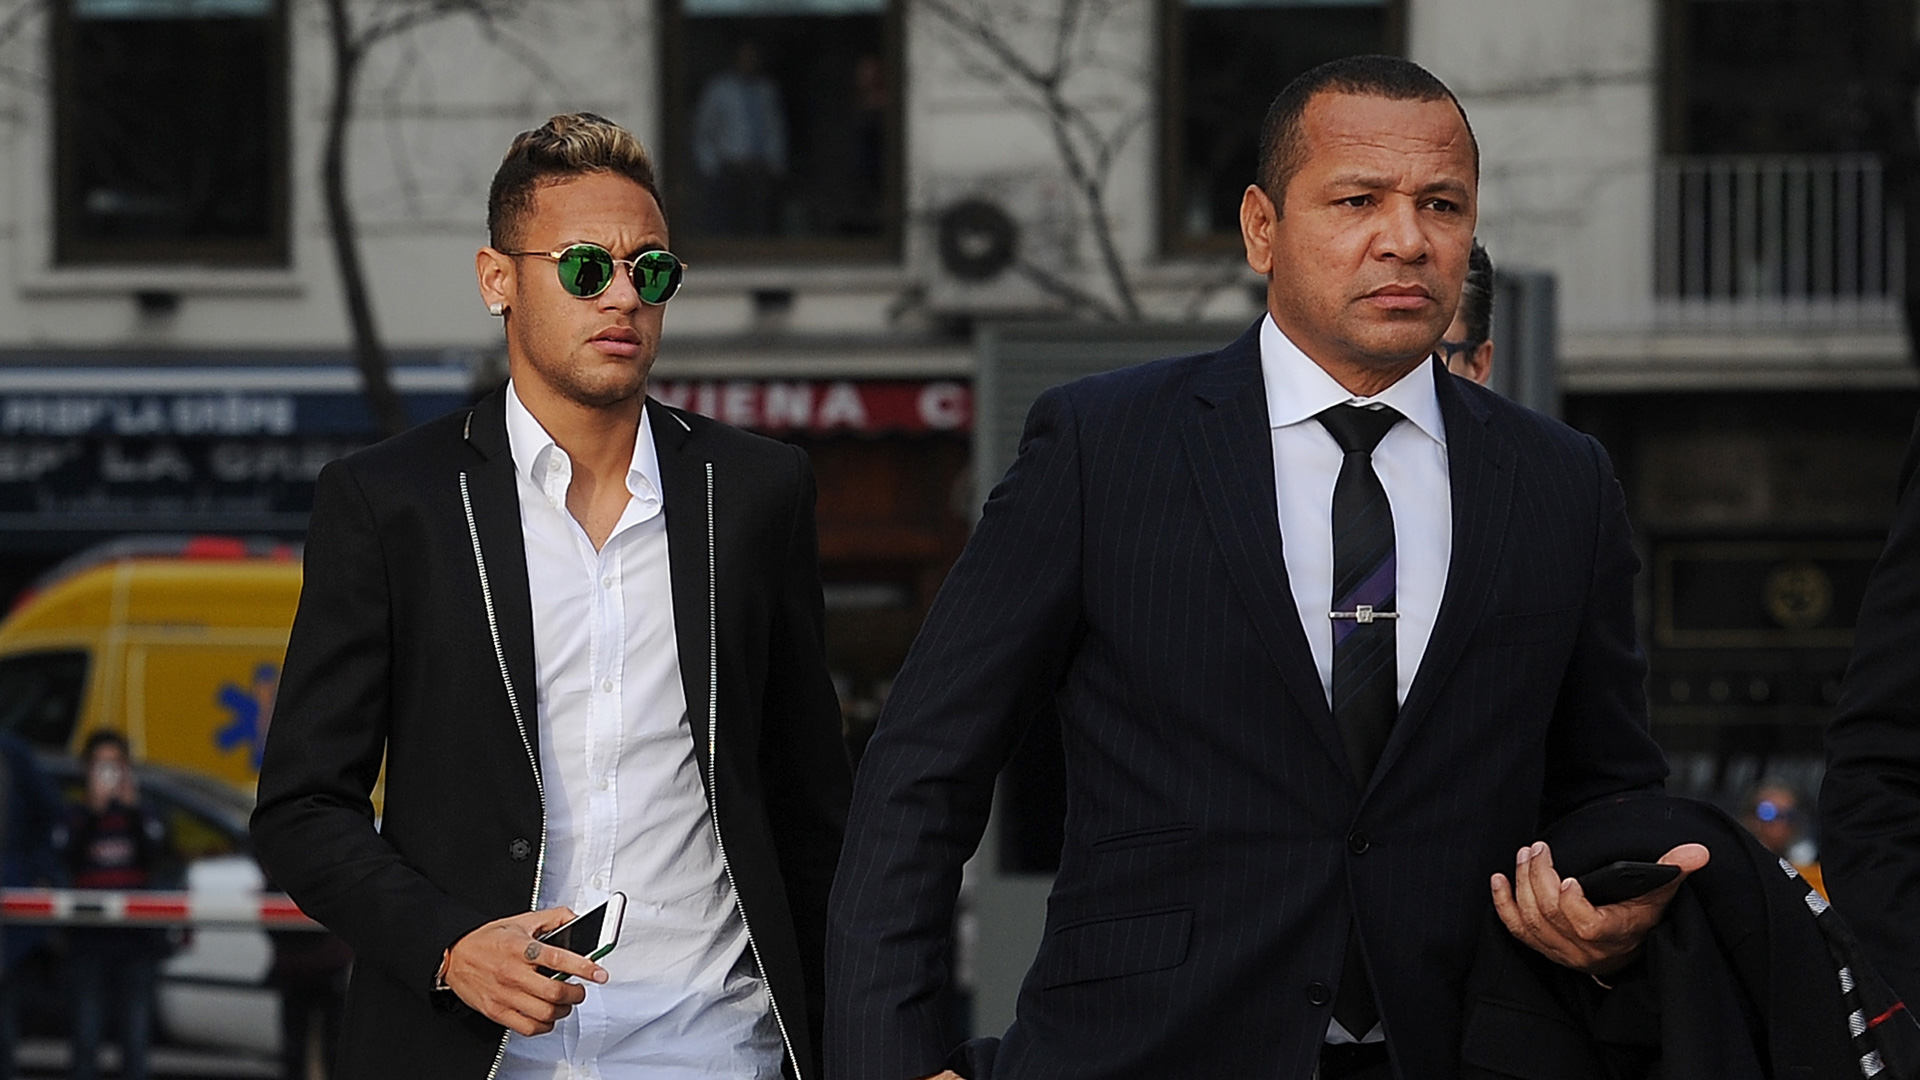 PSG ganó, goleó y Neymar y Cavani hiceron las paces